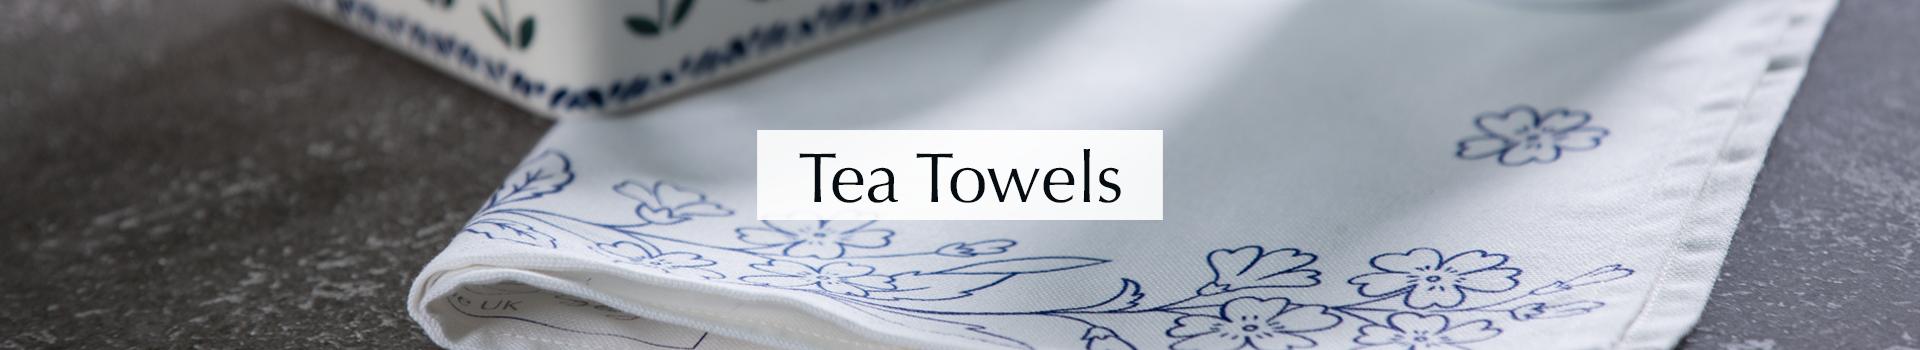 tea-towels.png